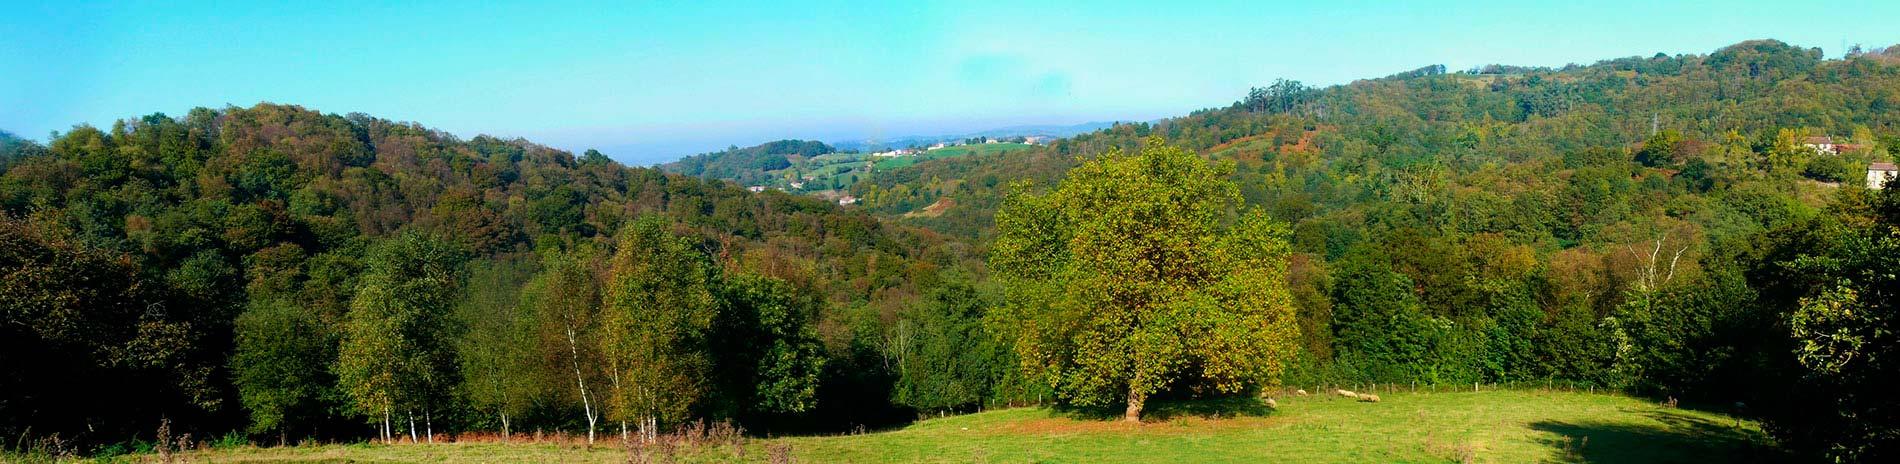 Vista panoramica del entorno de La Llariega